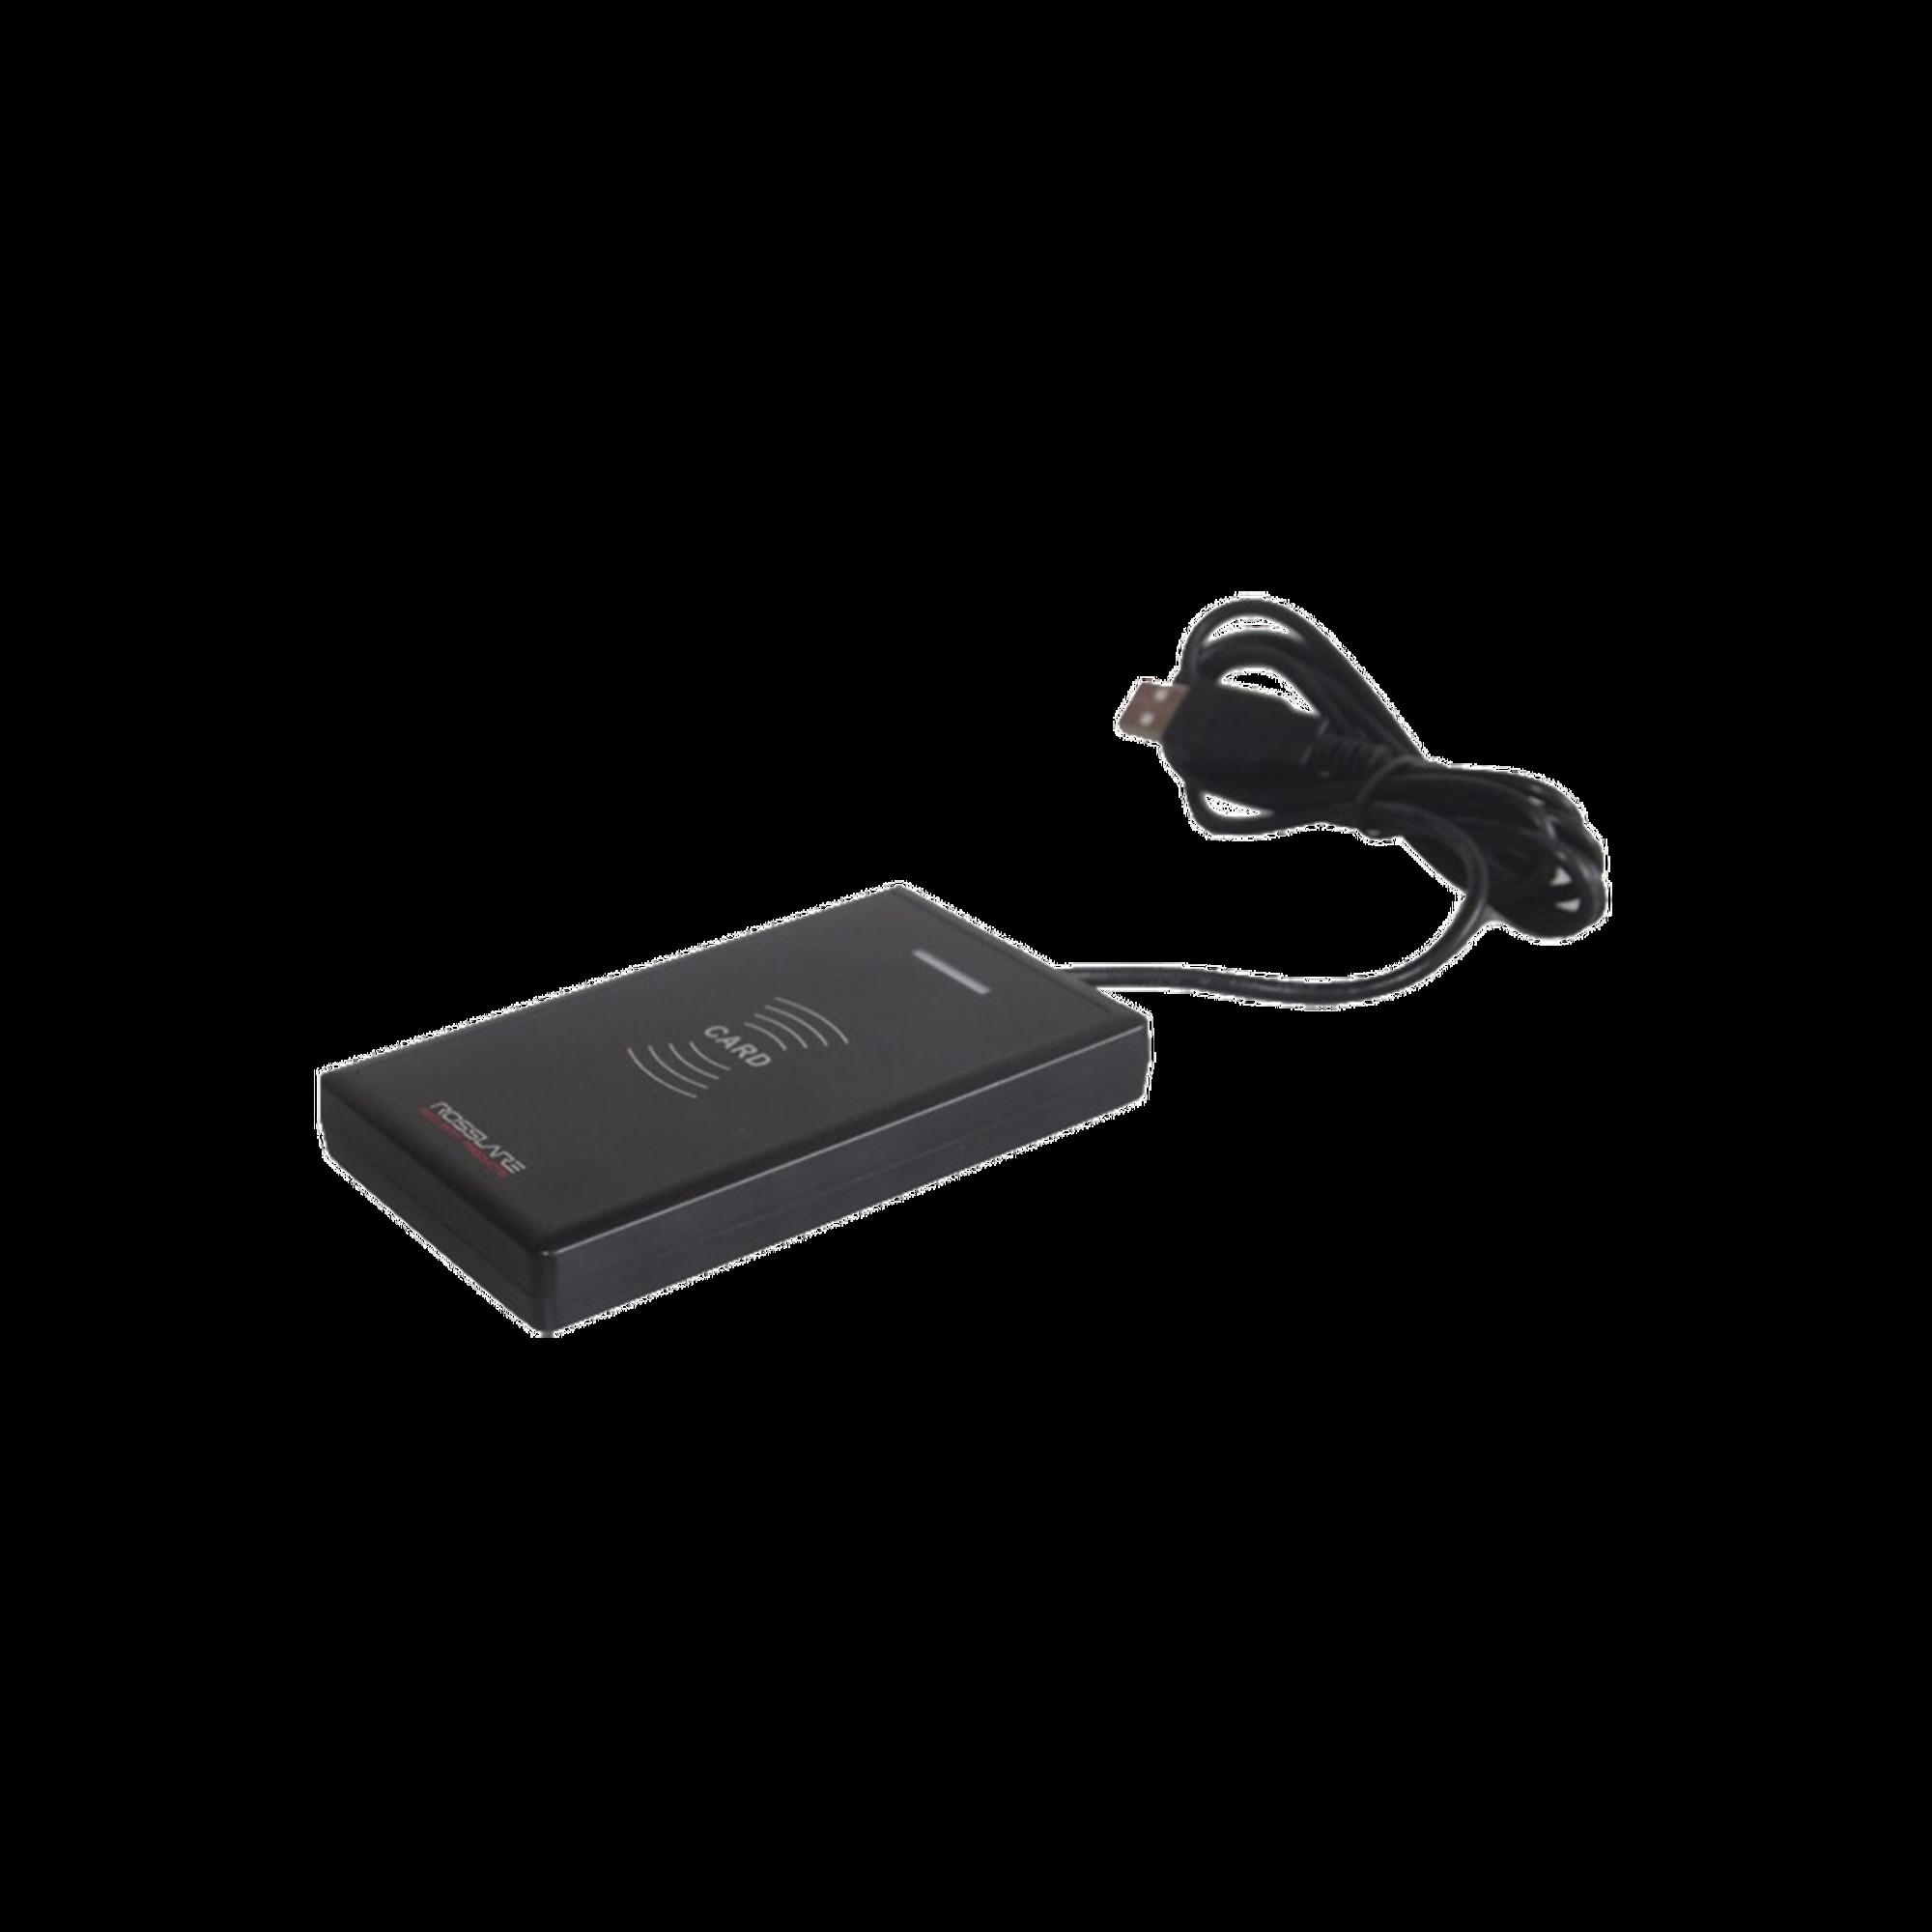 Lector Enrolador de Escritorio para tarjetas UHF (900]Mhz) EPCGEN 2